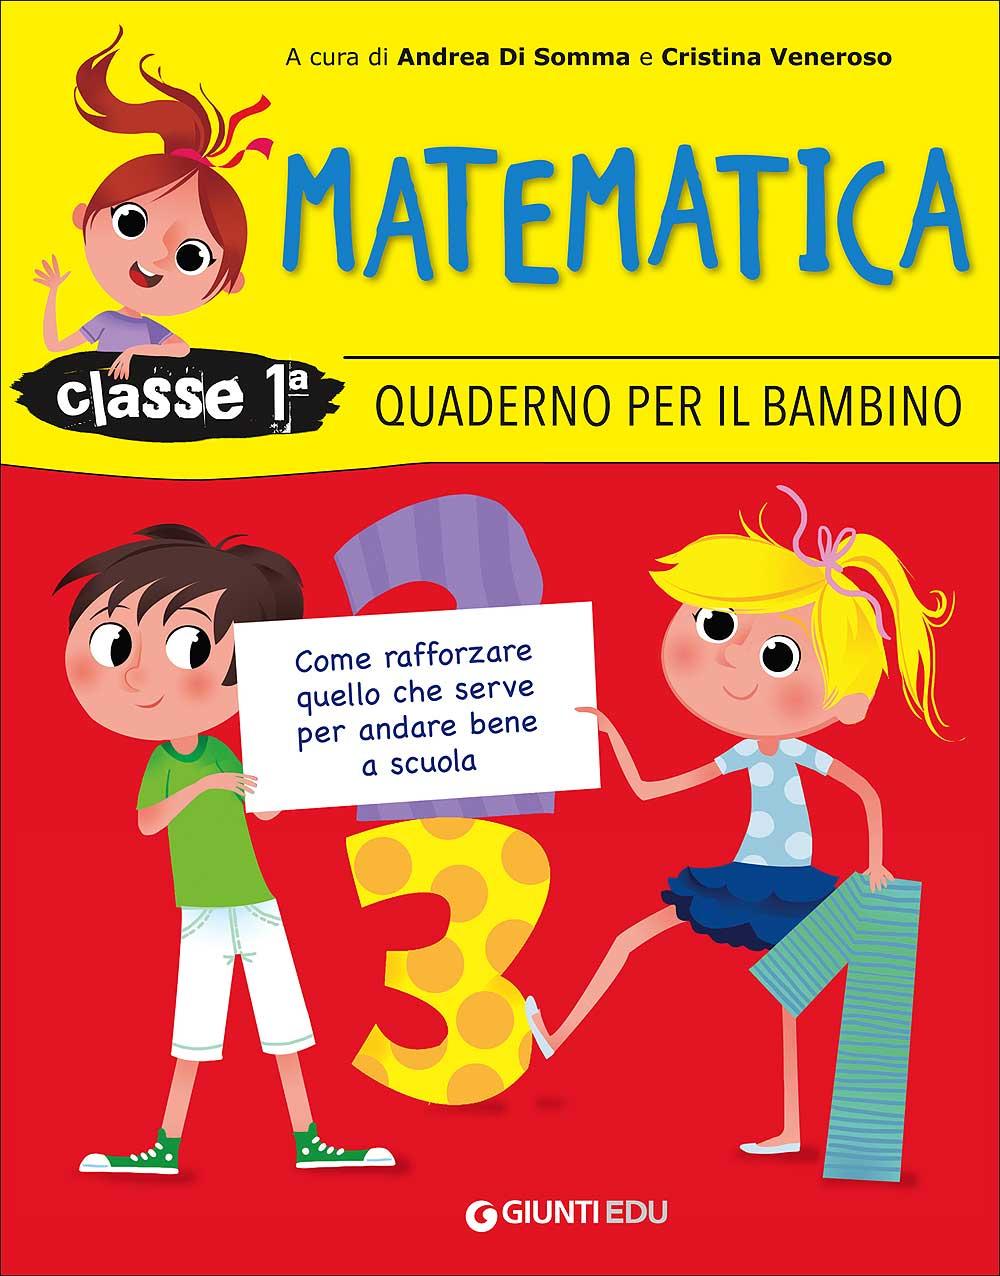 Quaderno per il bambino - Matematica 1